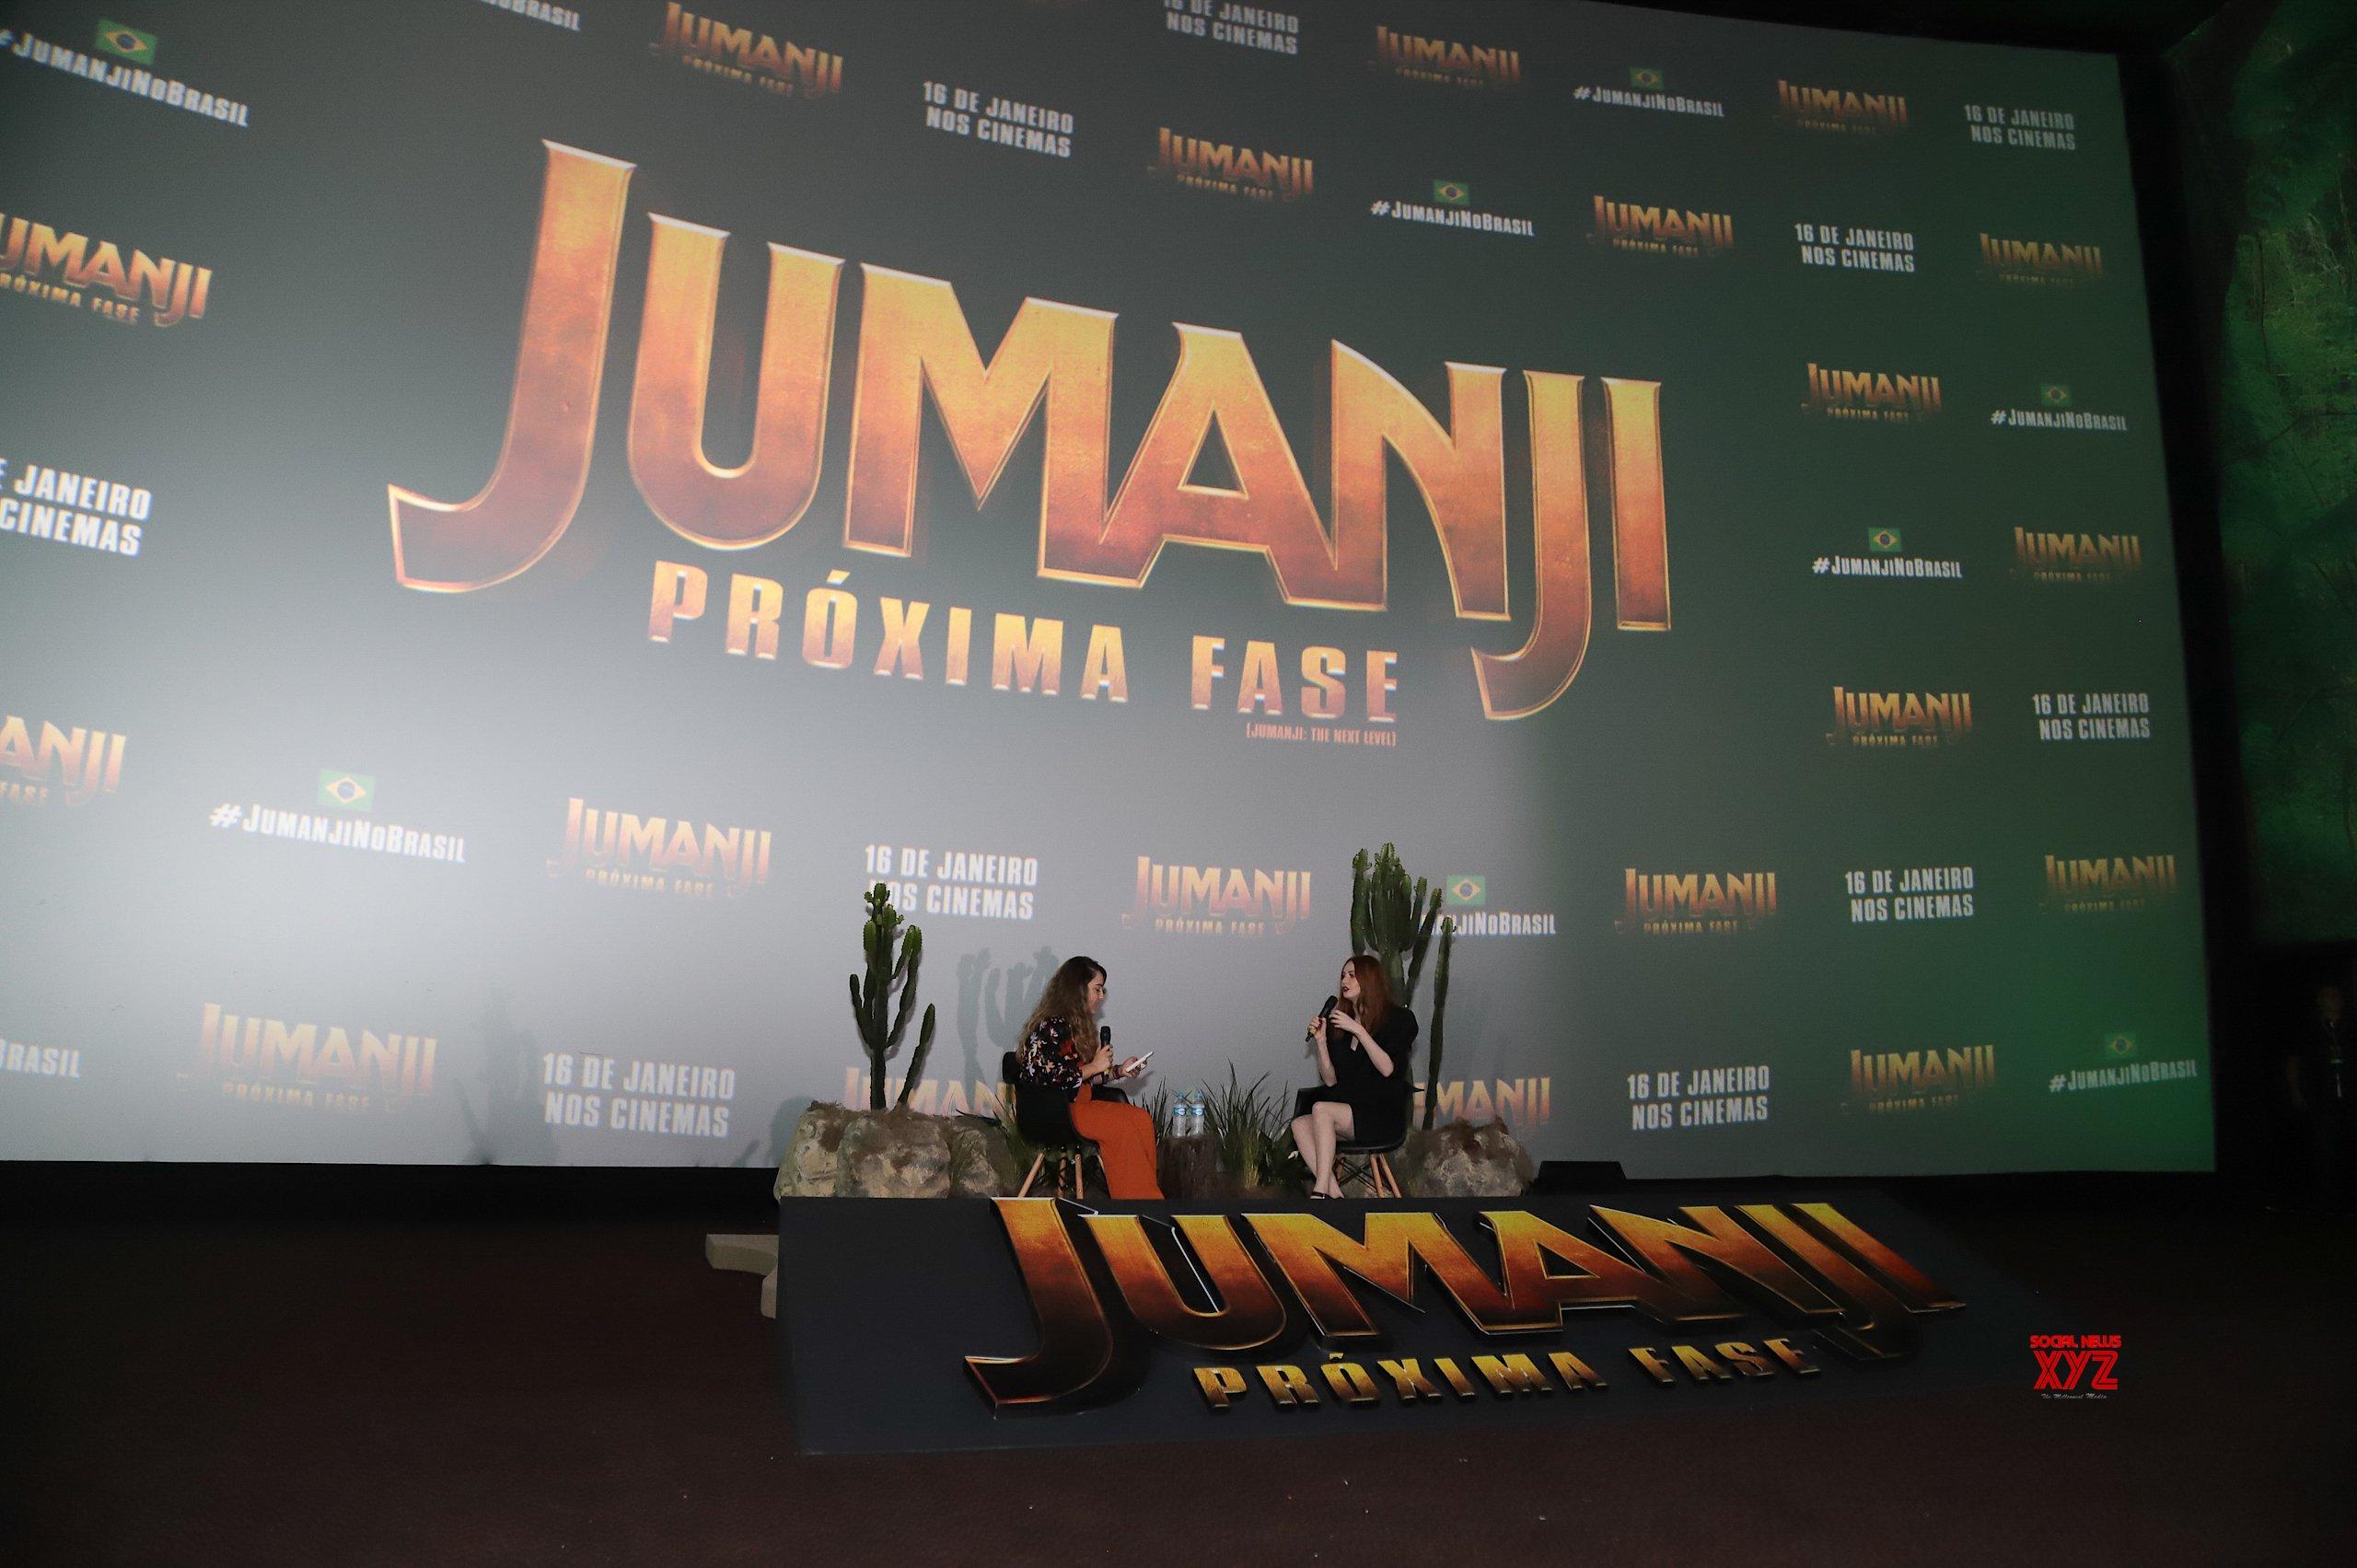 Jumanji The Next Level Movie Karen Gillan's Brazil Tour Fan Event HD Gallery